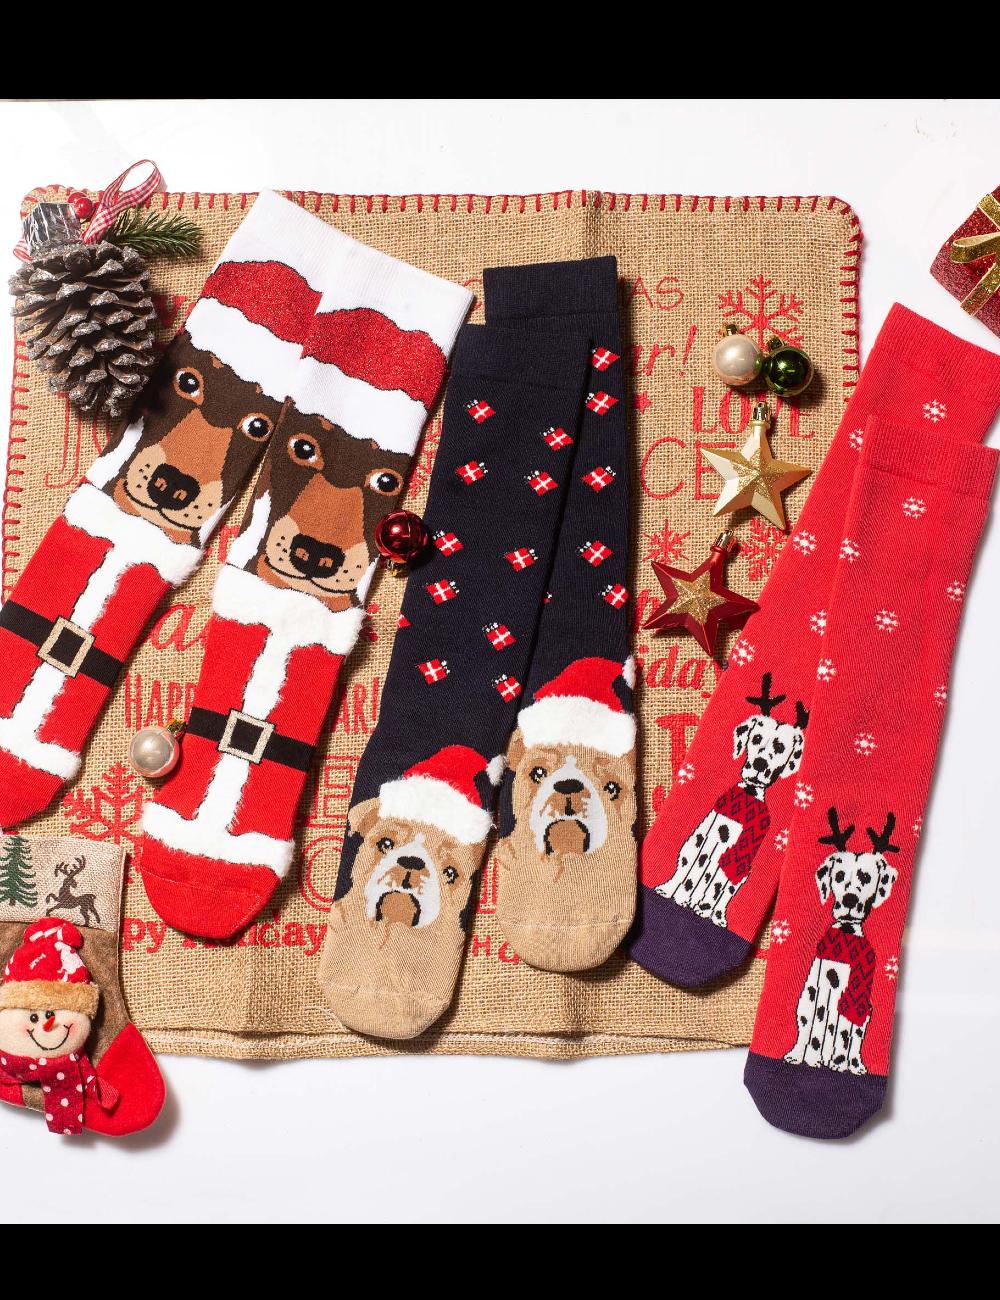 Κάλτσες Χριστουγεννιάτικες Christmas Dogs Vtexsocks Σετ 3 τμχ